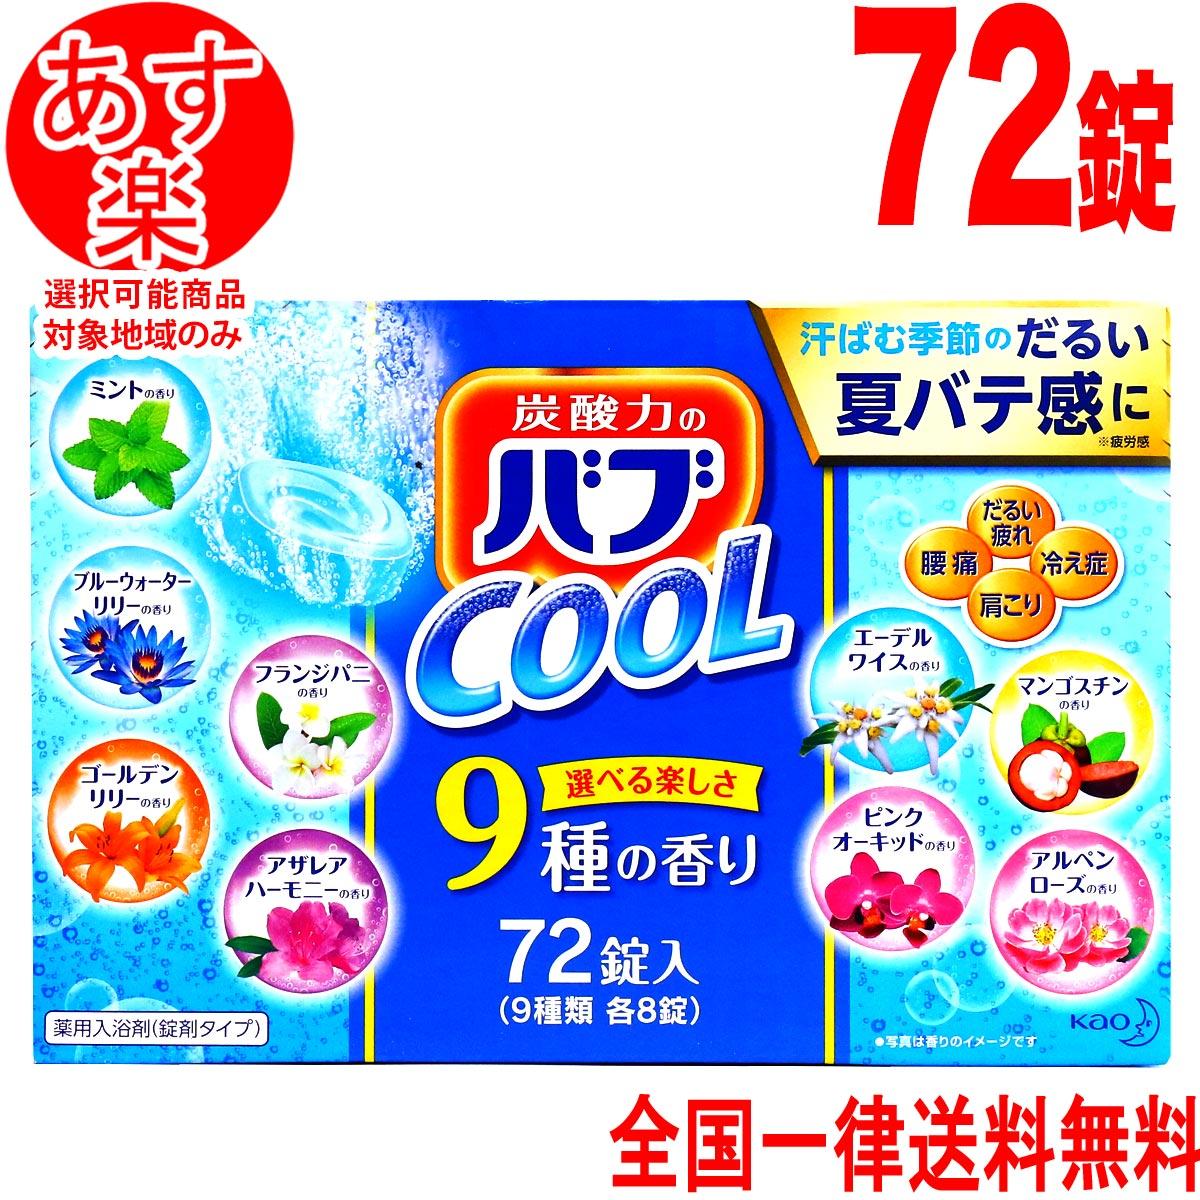 花王 バブ クール 入浴剤 詰め合わせ 72錠 (9種類×8錠) 薬用入浴剤 錠剤タイプ